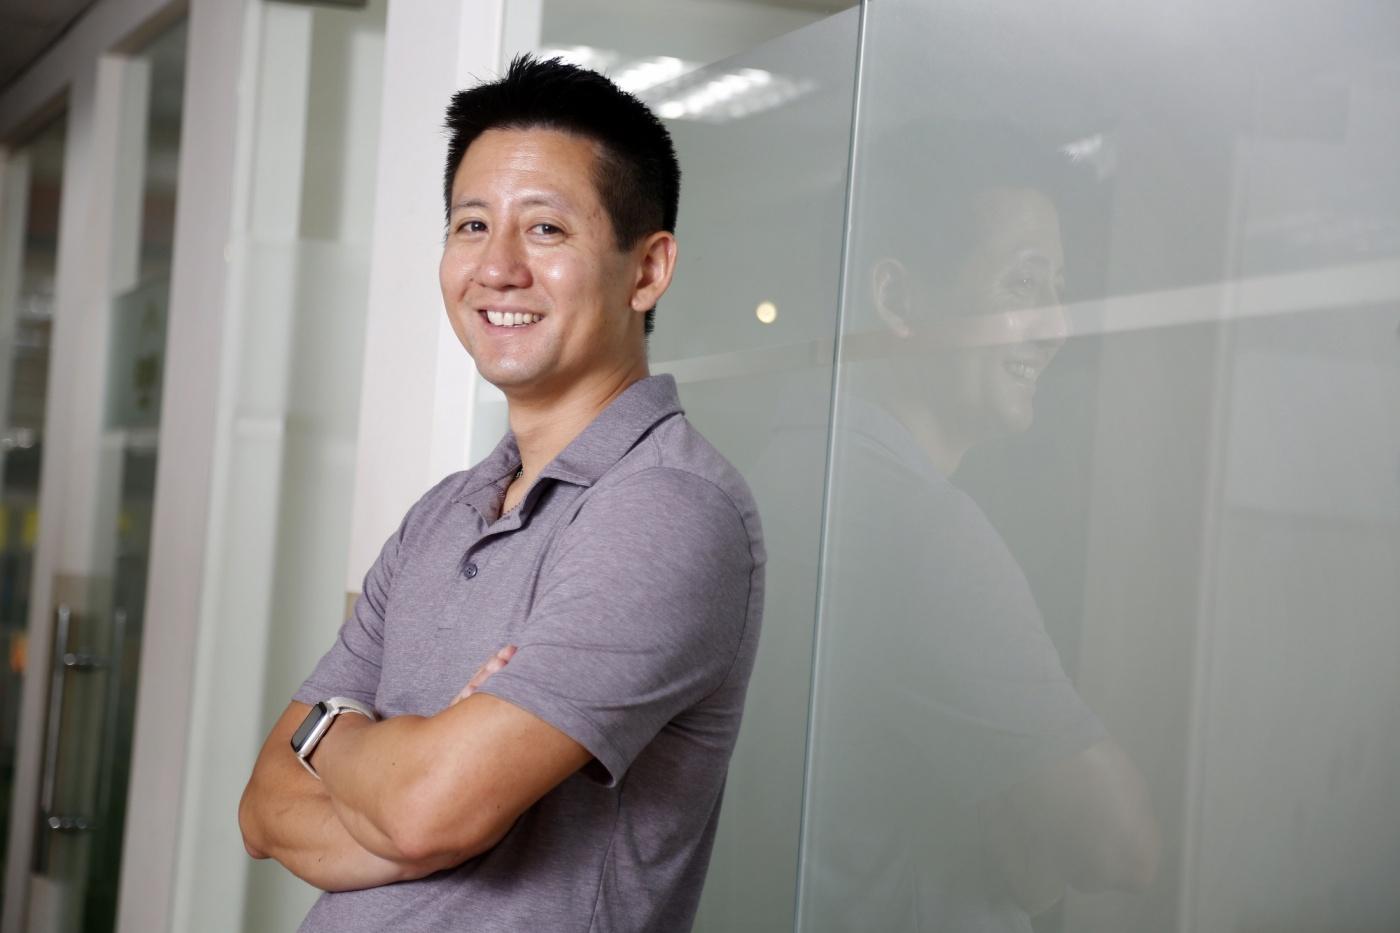 【獨家專訪】洗刷群眾募資詐騙太多惡名,Indiegogo首位台裔CEO上任後分享兩大對策